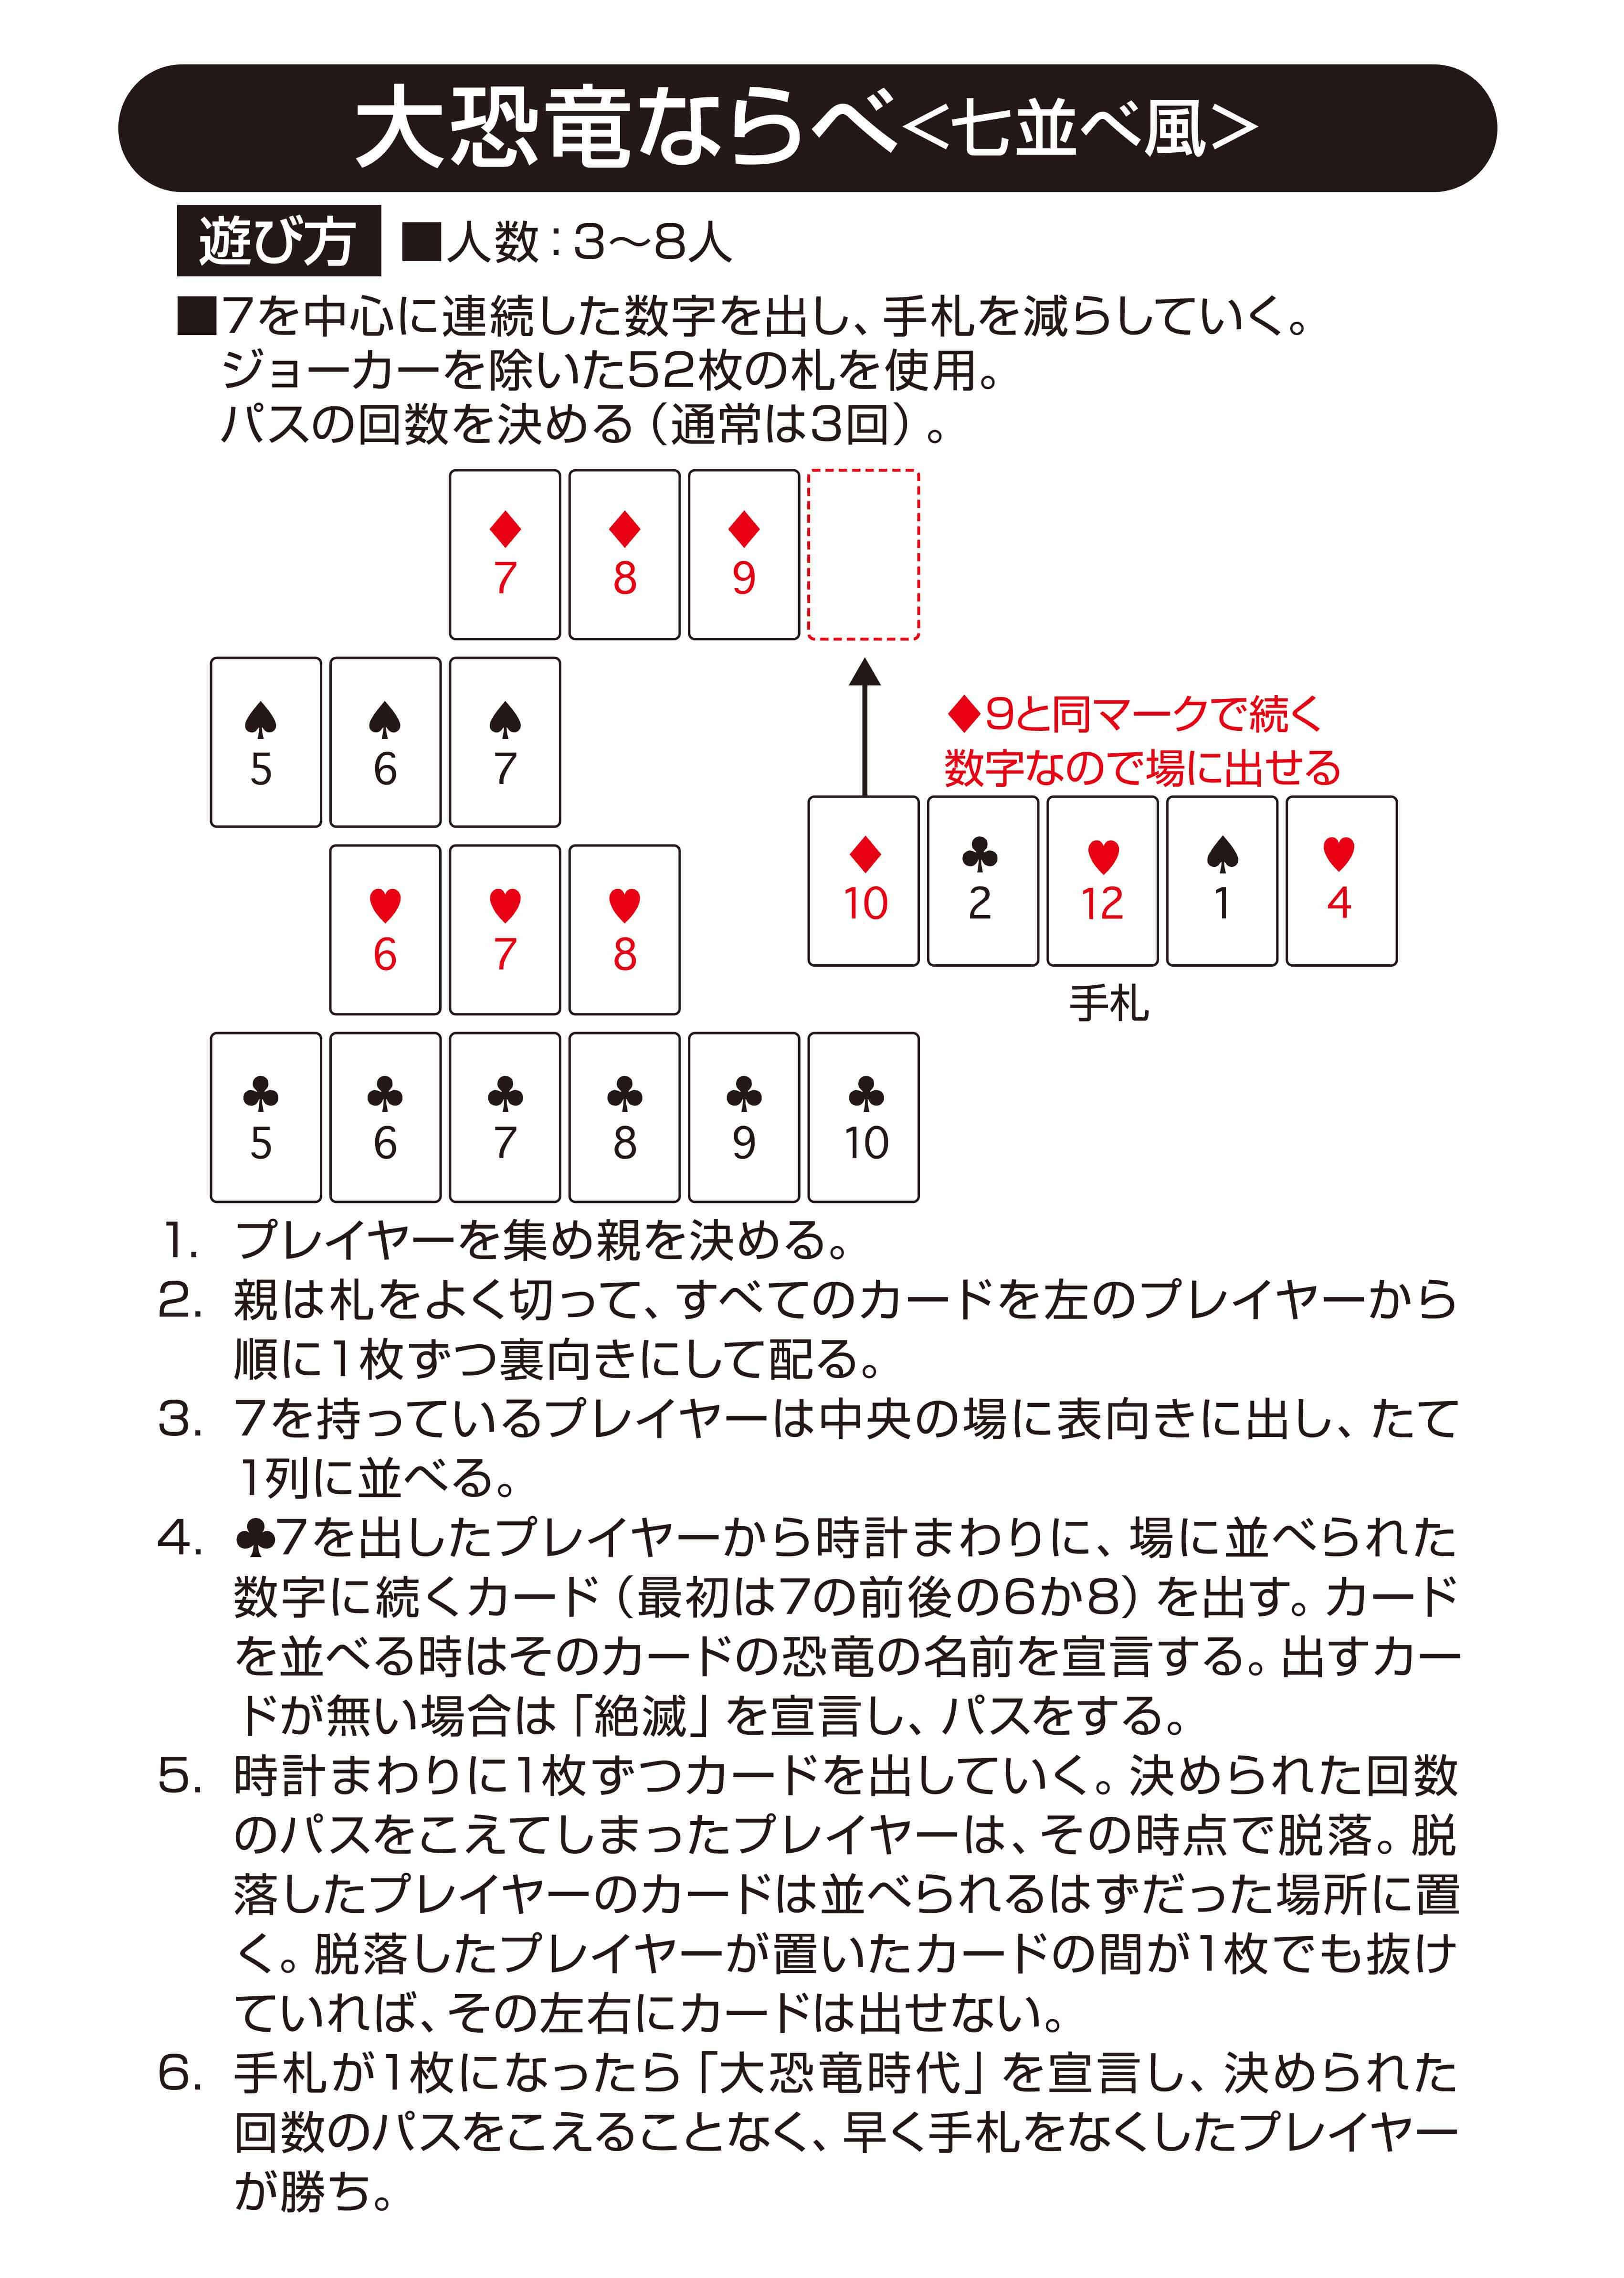 並べ ルール 7